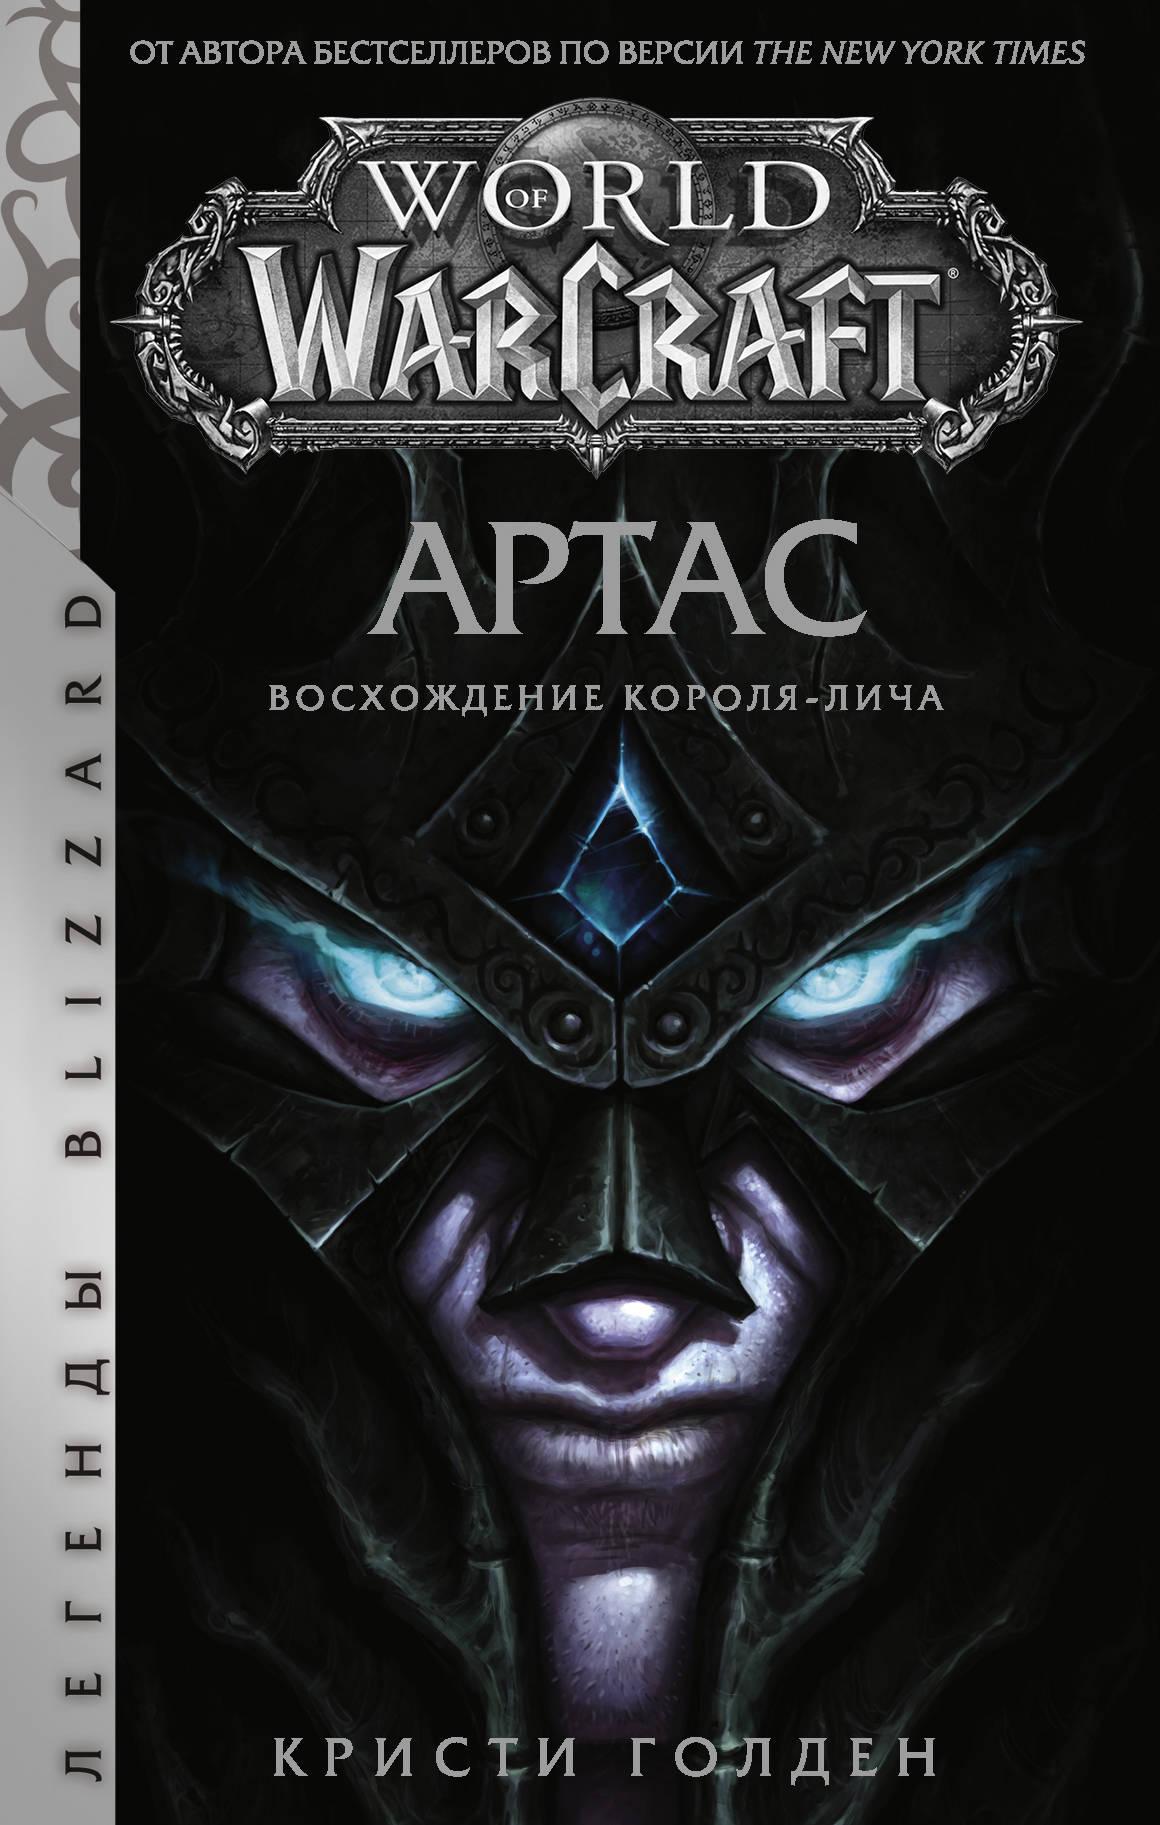 World of Warcraft: Artas. Voskhozhdenie Korolja-licha